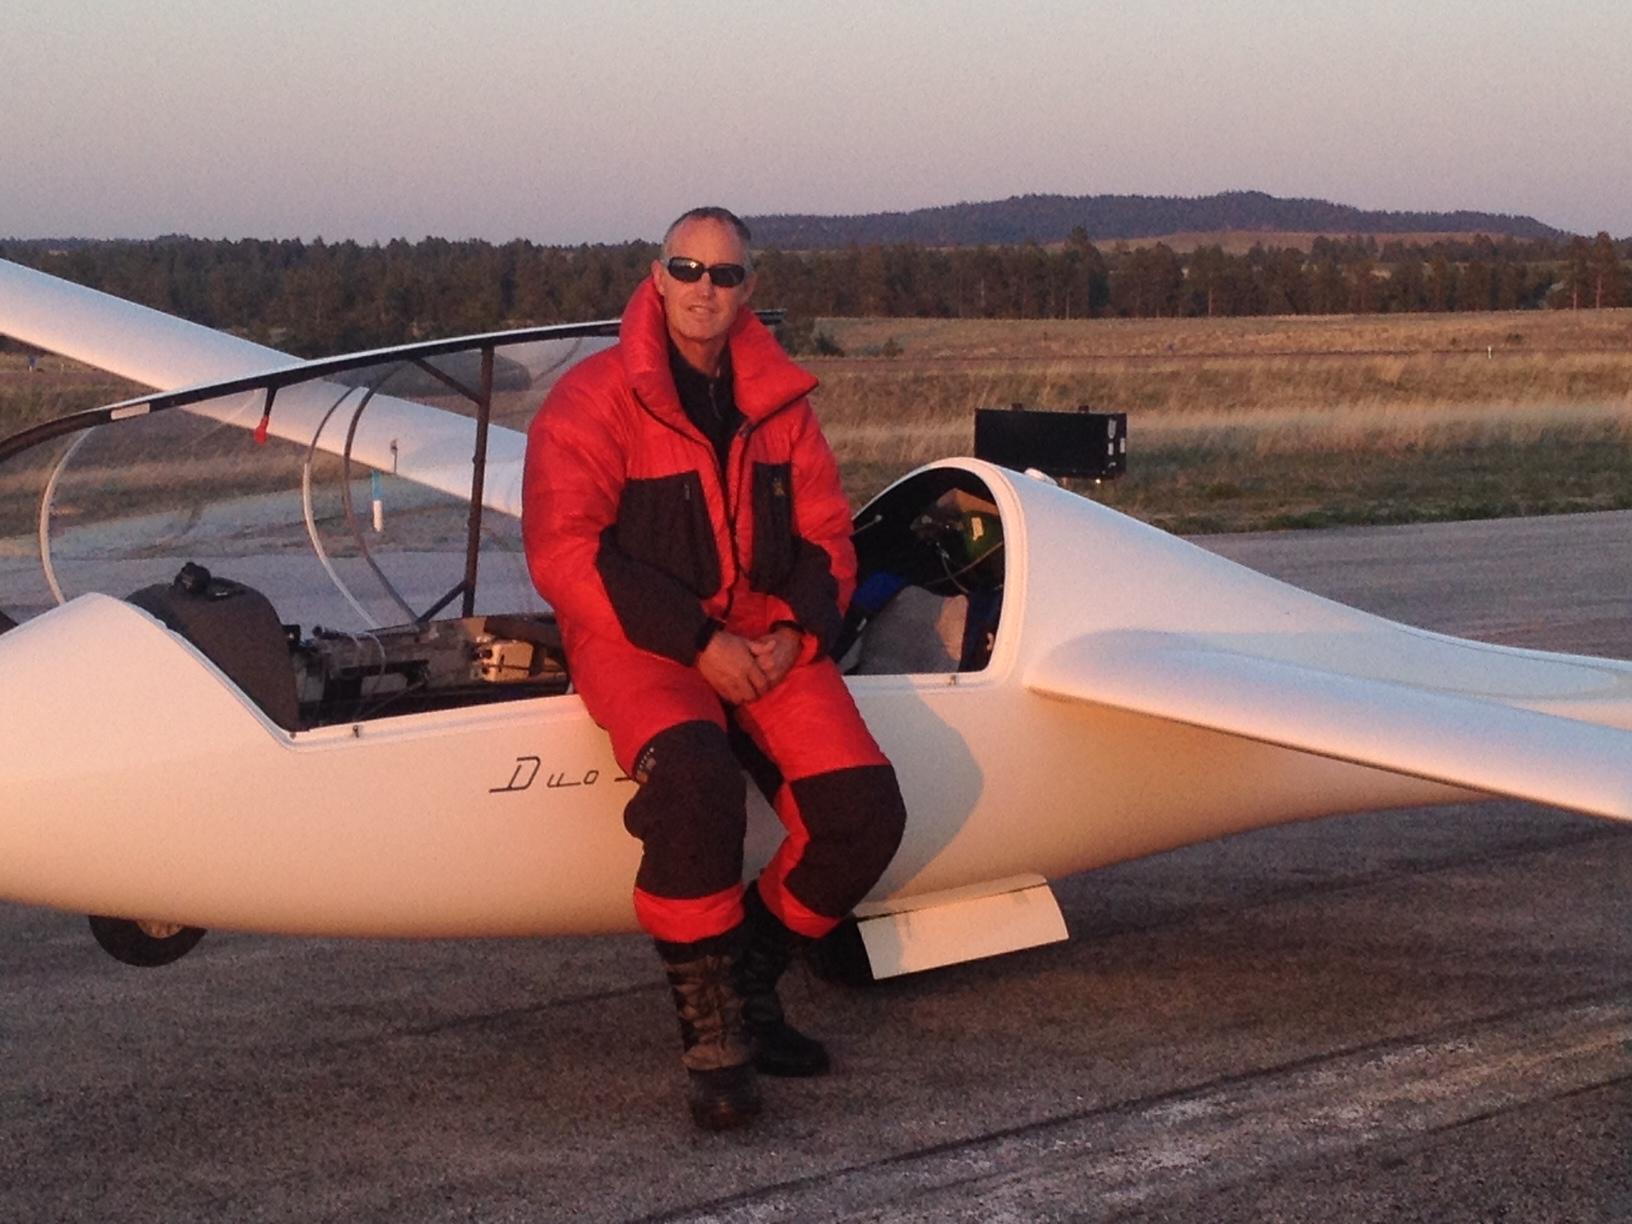 Gordo after landing